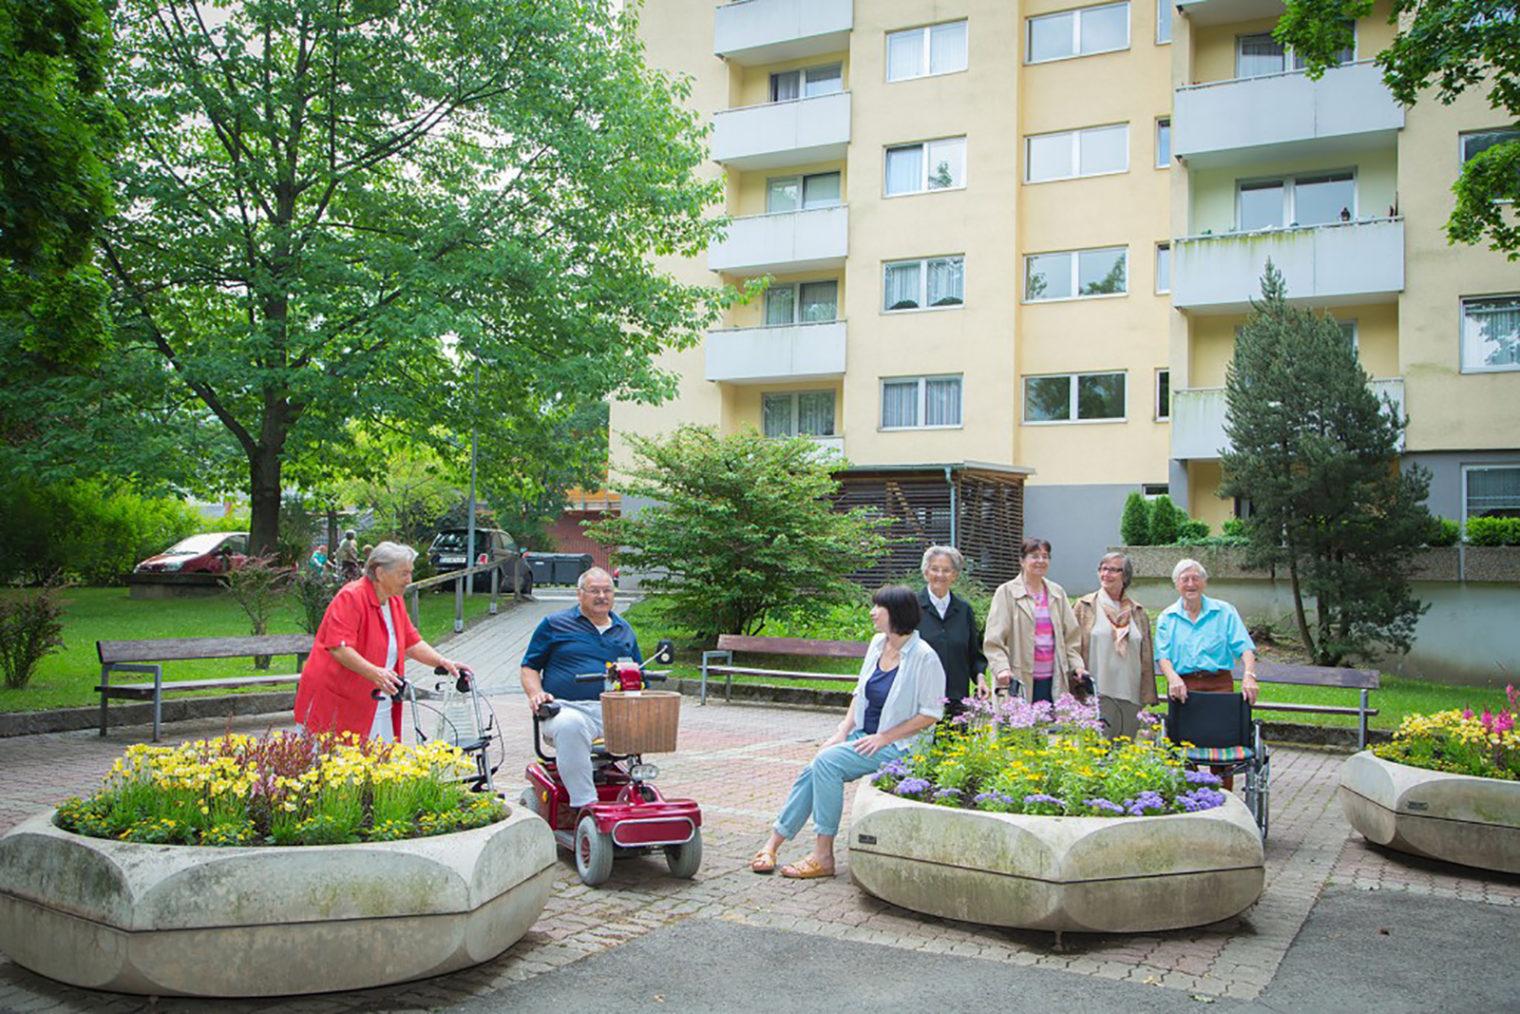 Senioren-Spaziergang Gruppenfoto